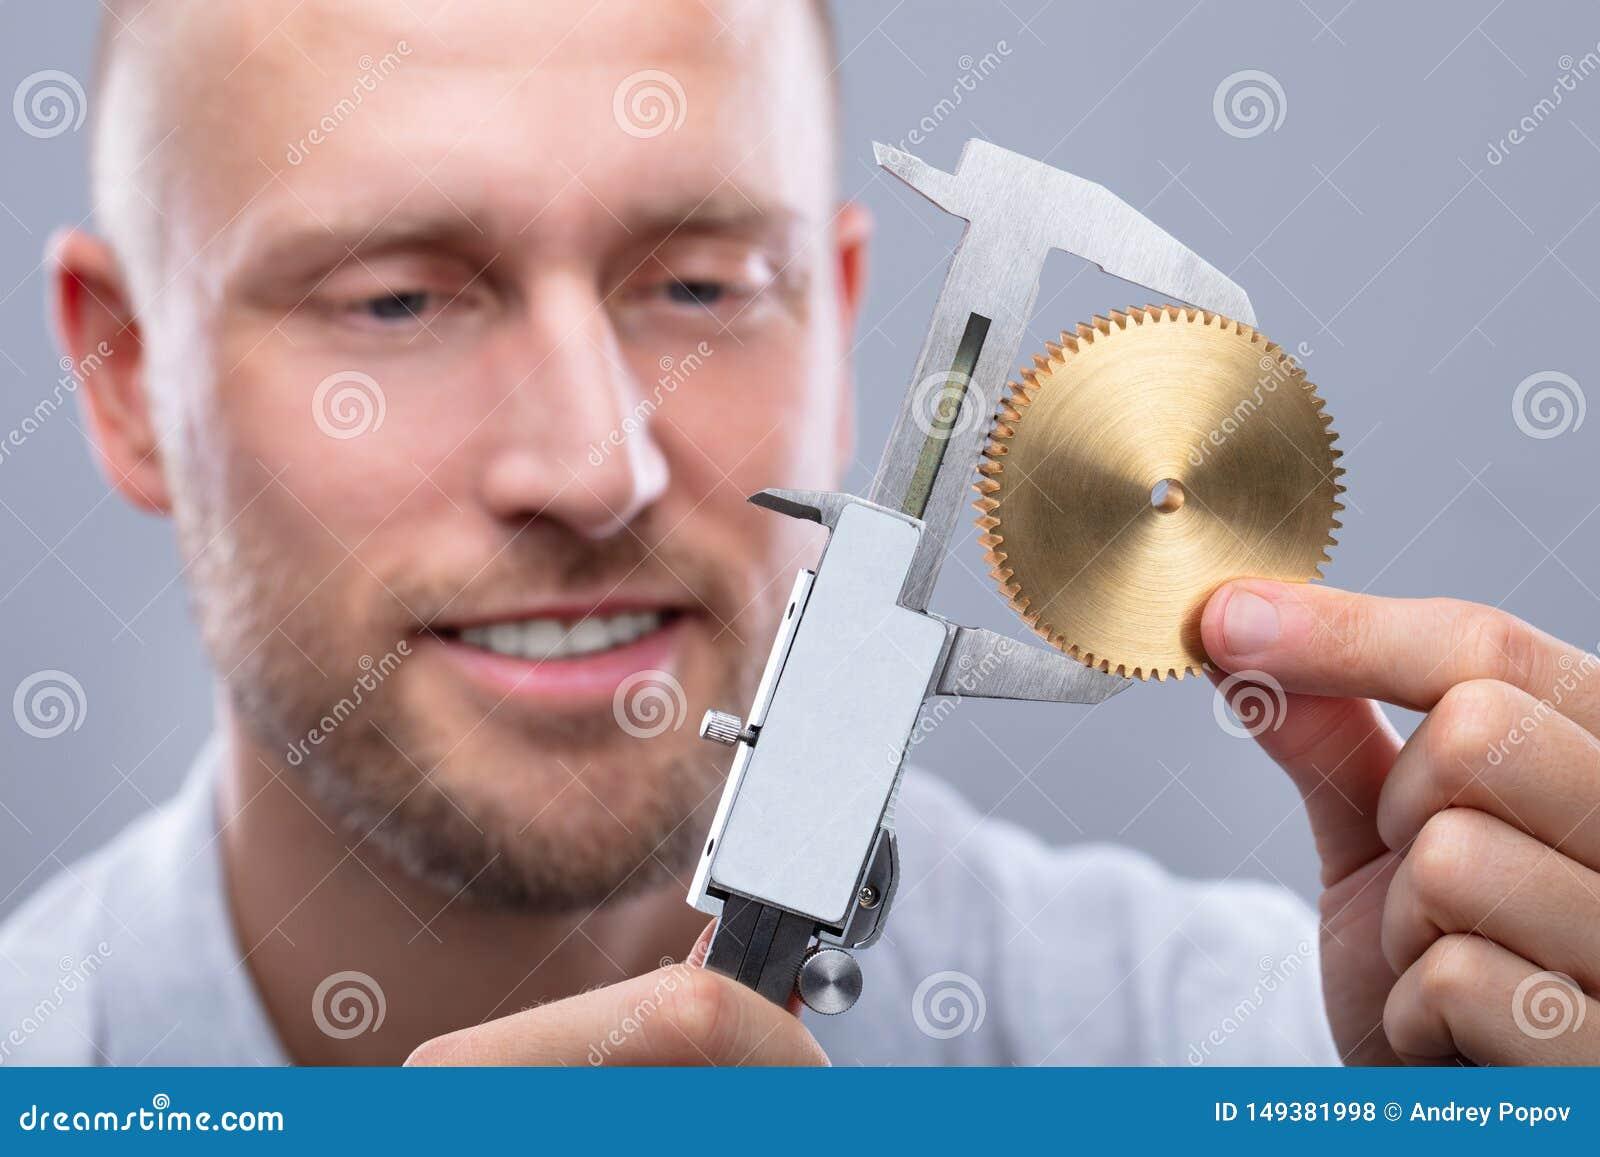 人与数字游标卡尺的测量的齿轮的大小